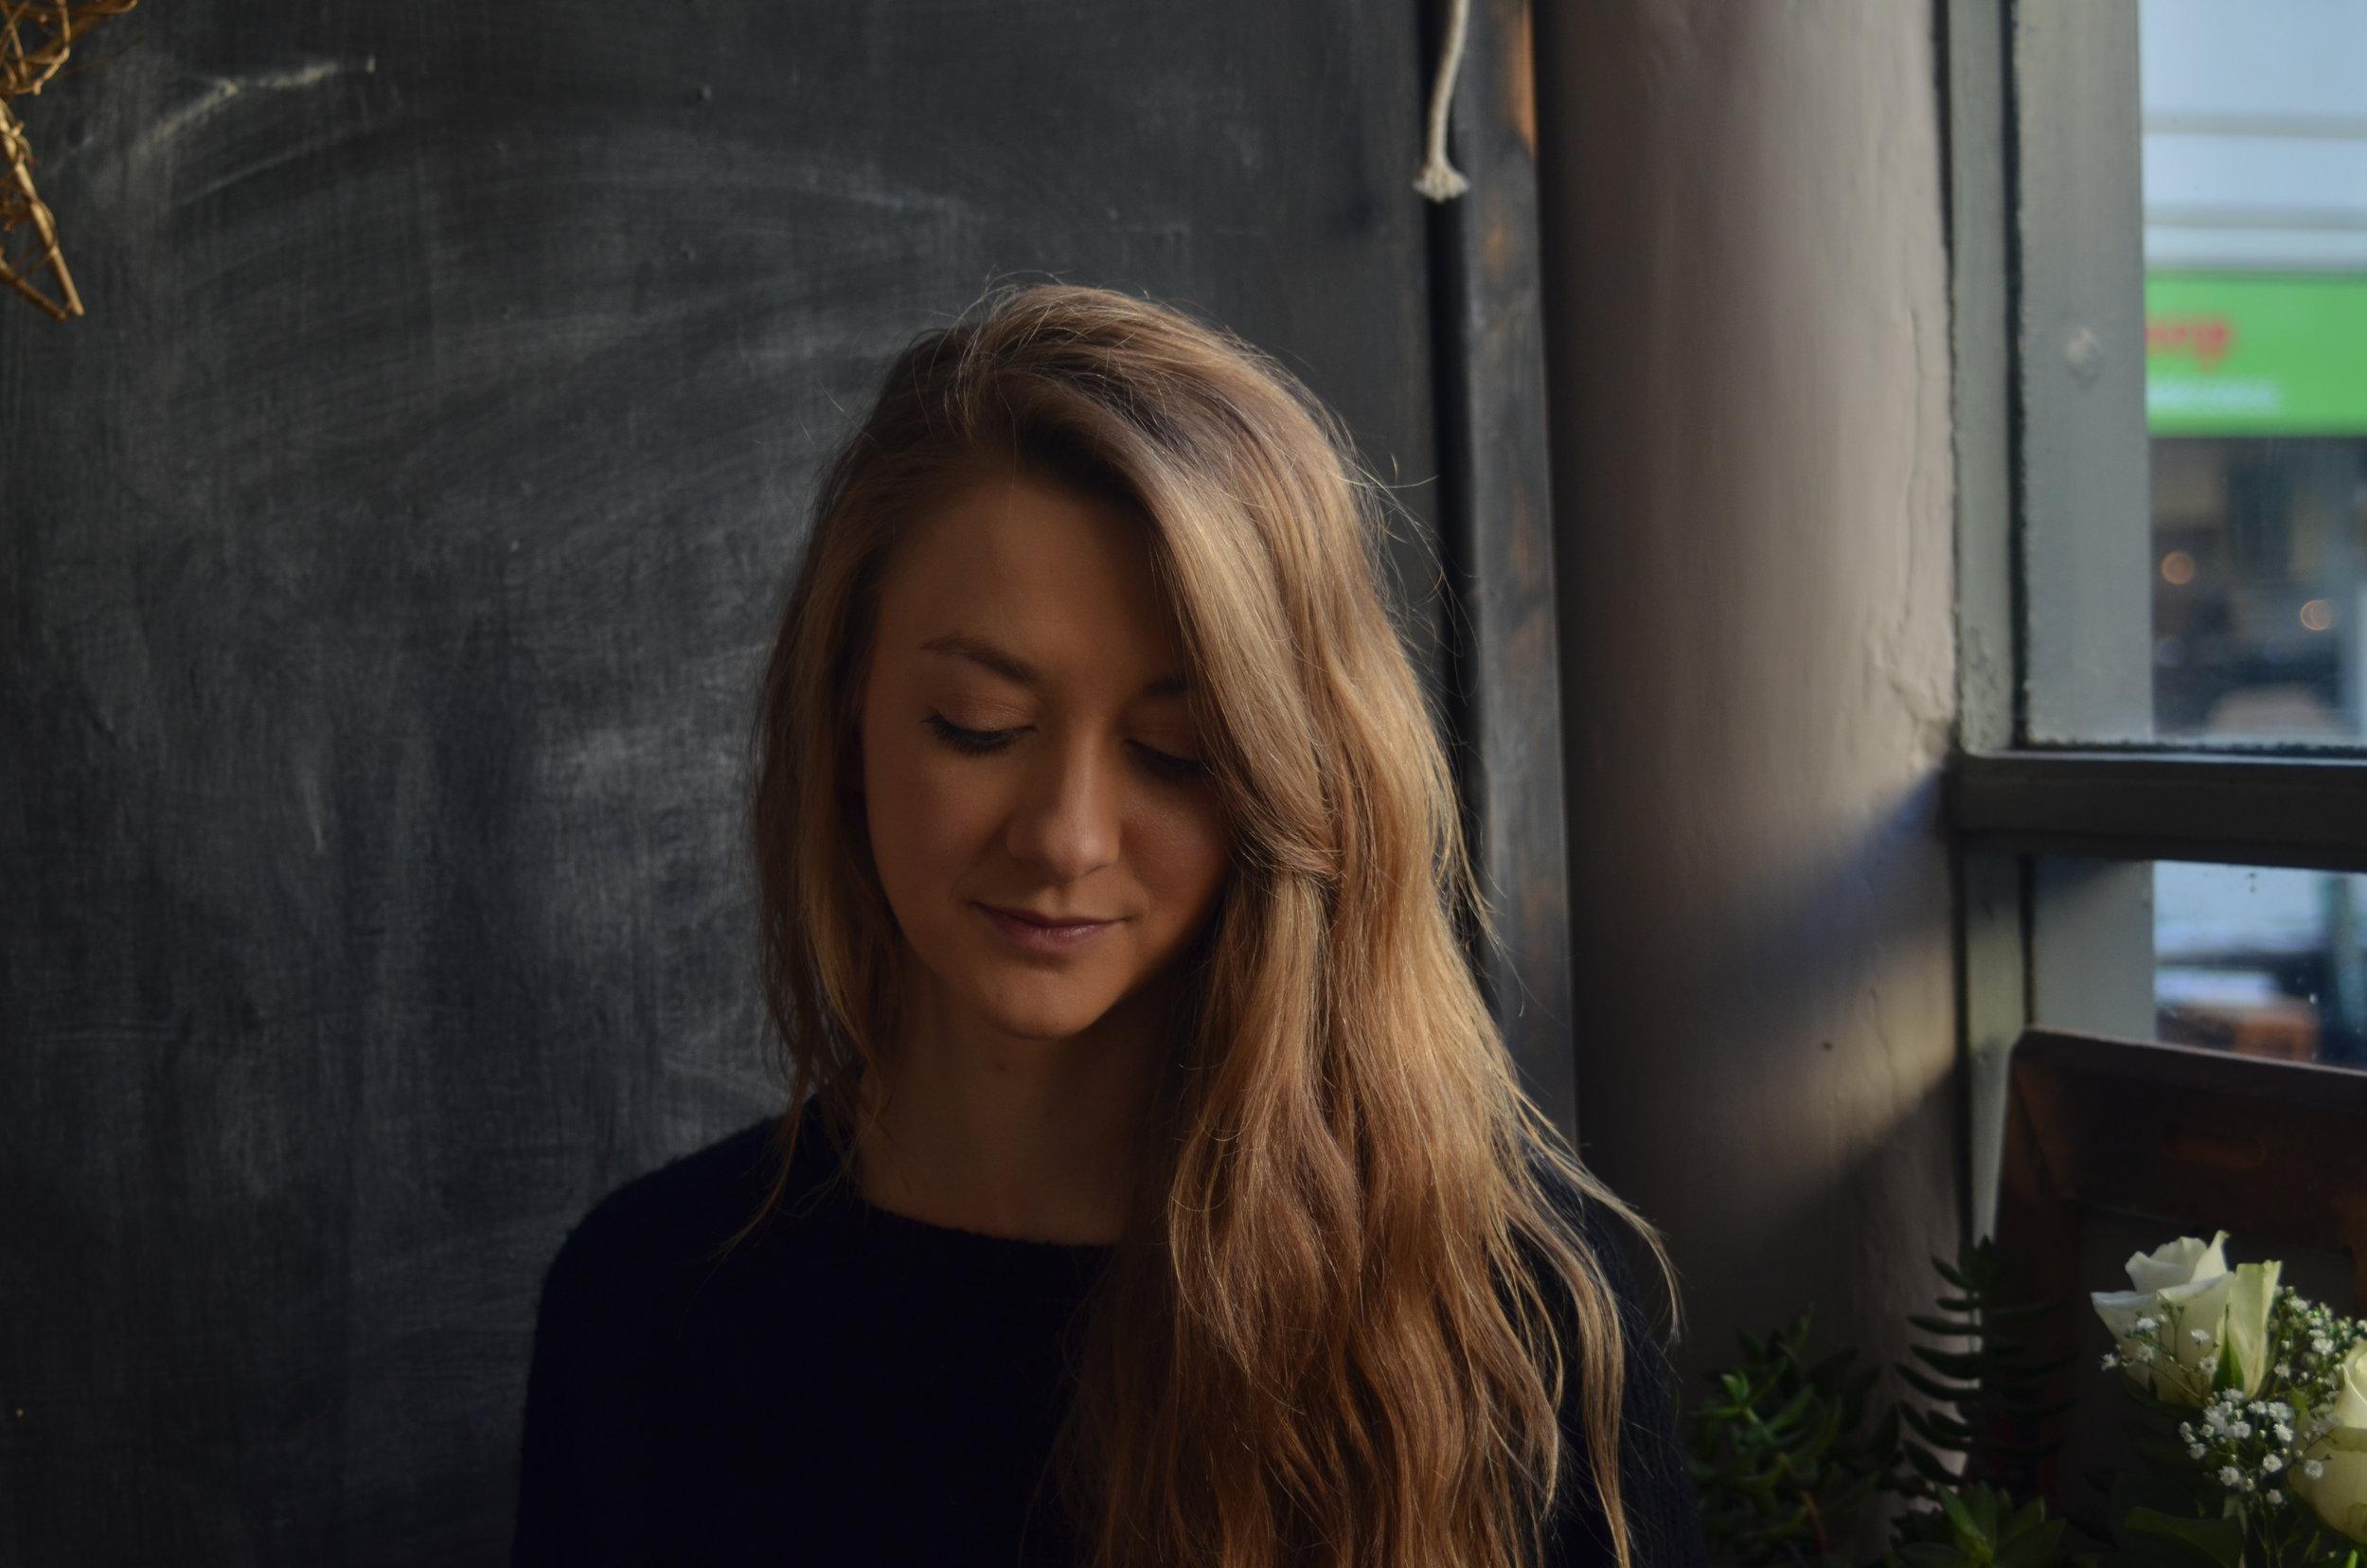 Lauren Lovatt Nutrition and Mental Health